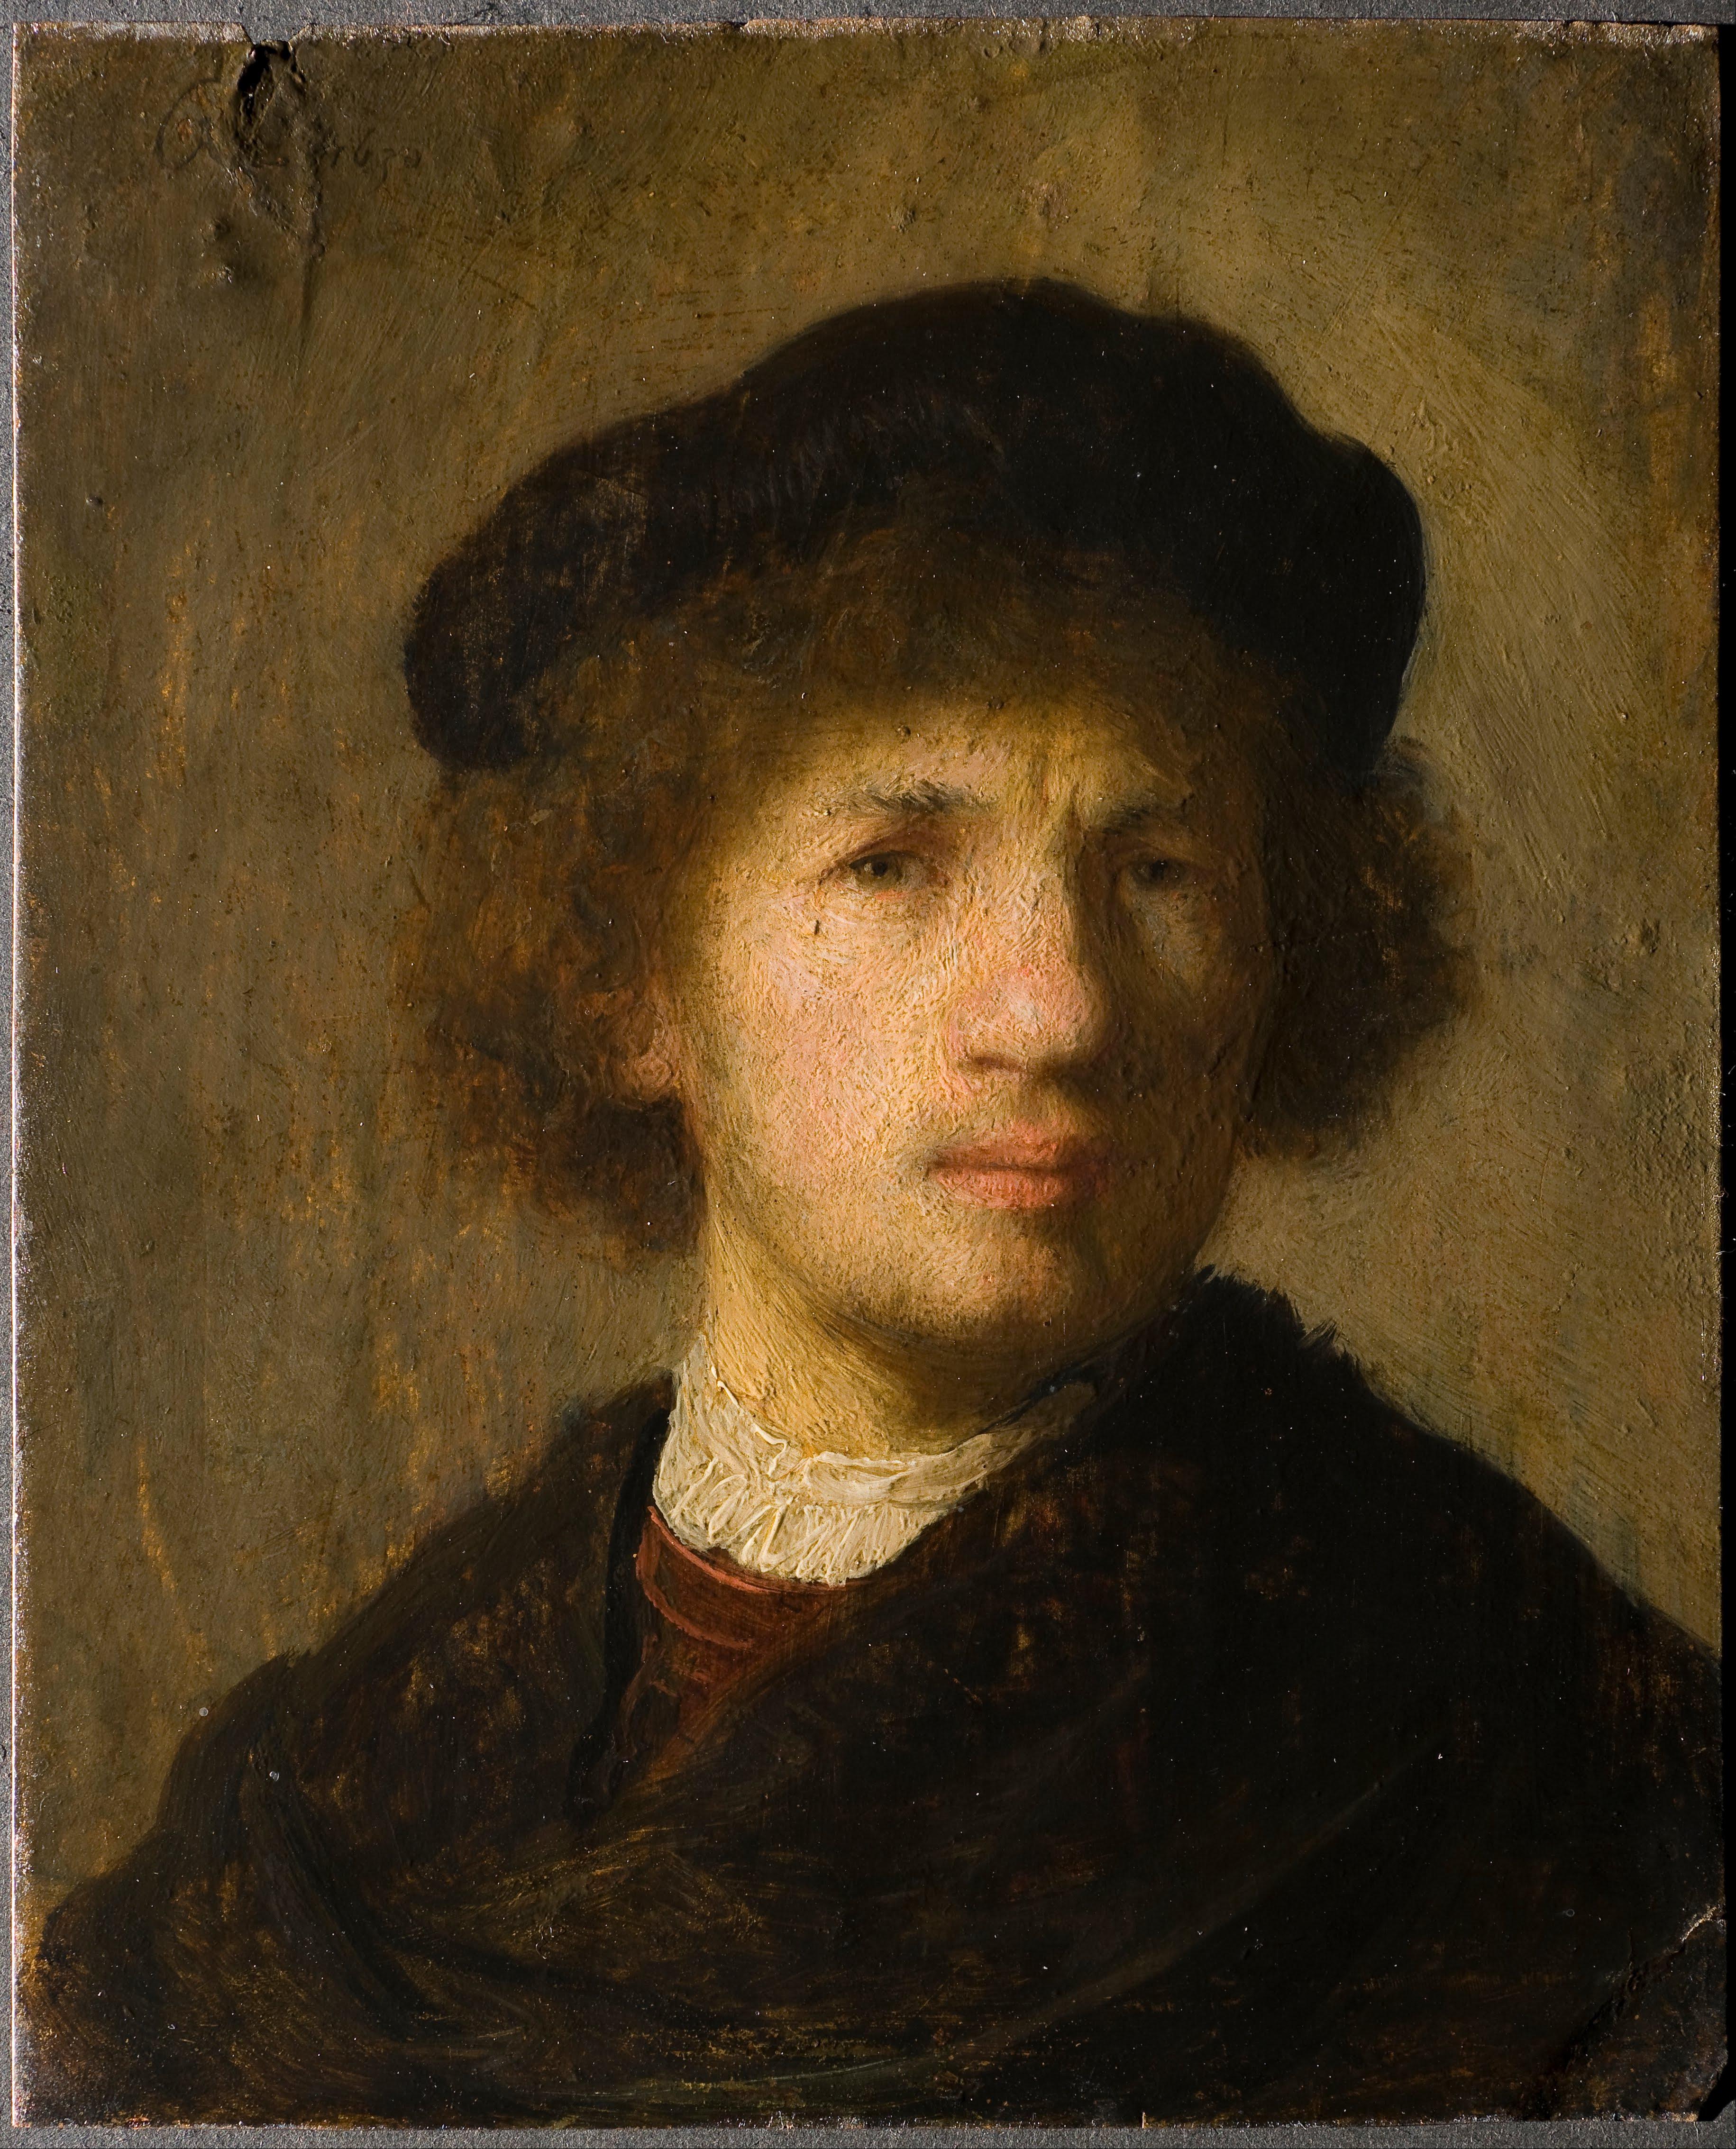 File:Rembrandt Harmensz. van Rijn  Selfportrait  Google Art Project